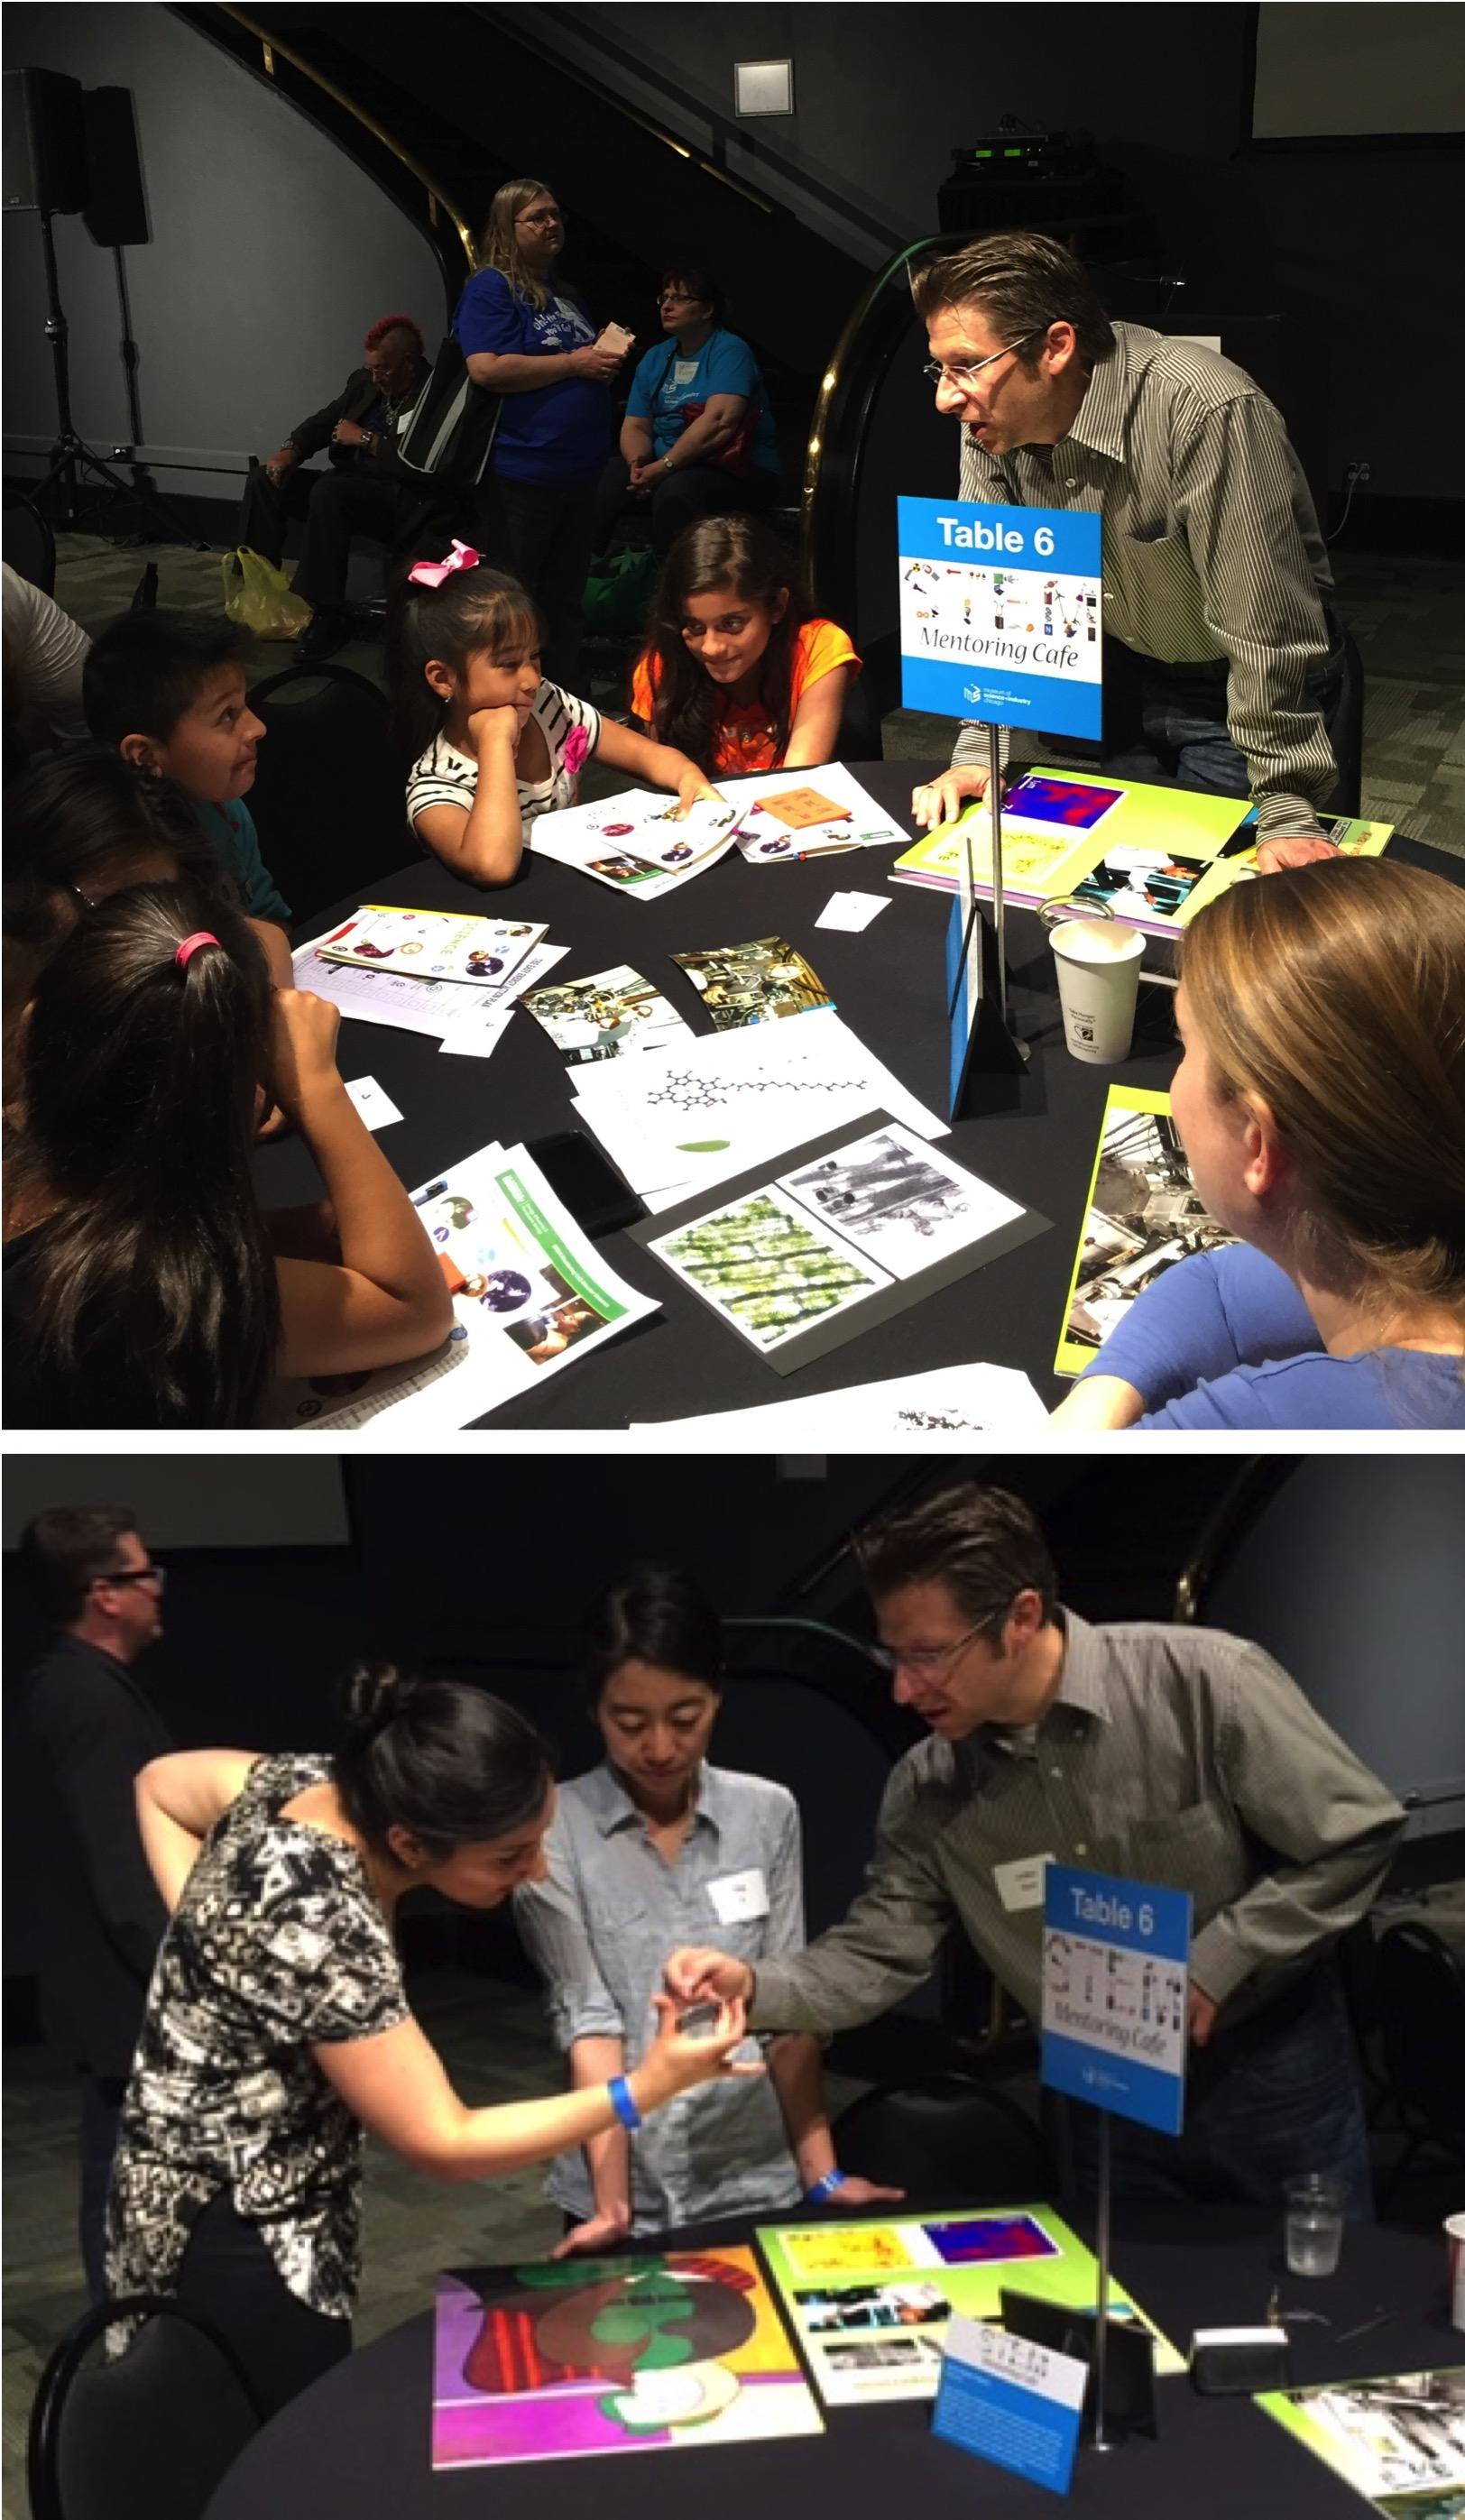 Volker Rose DOE STEM Mentoring Cafe Chicago Museum of Science an Industry